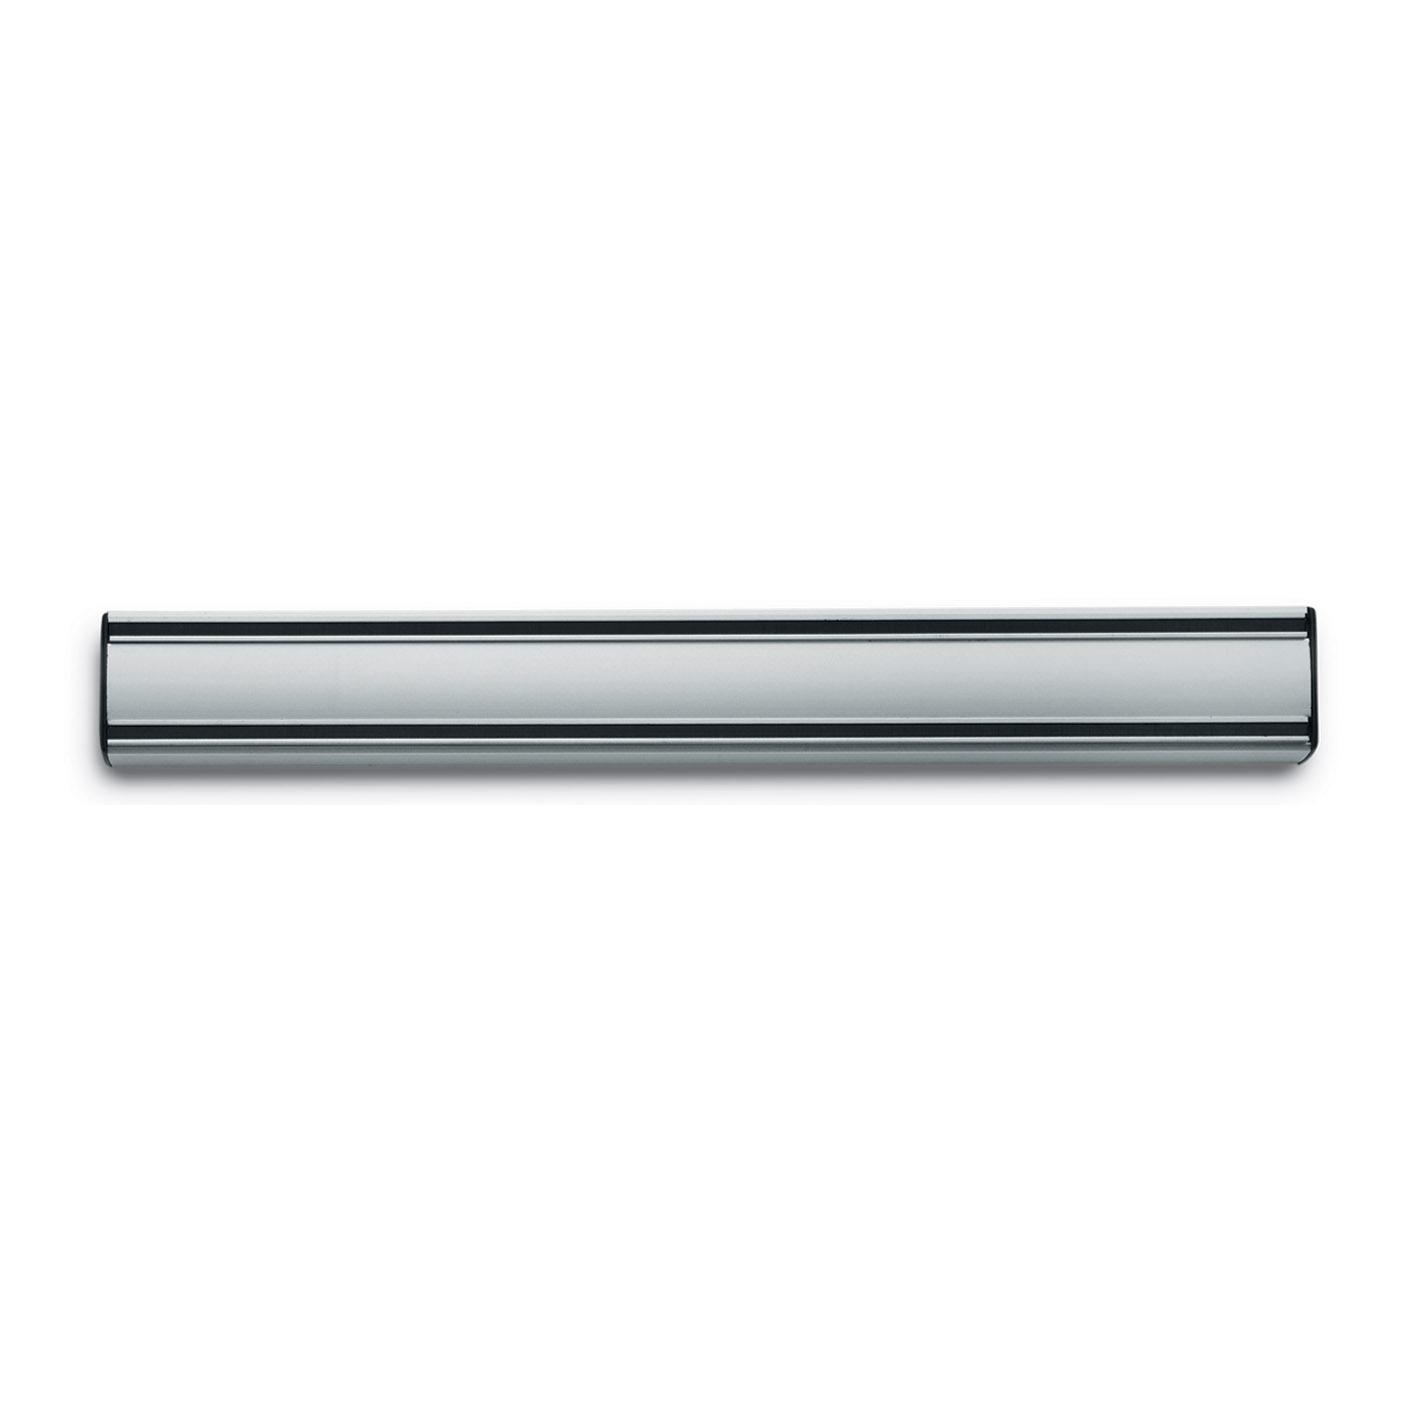 WÜSTHOF Magnetická lišta na nože 35 cm stříbrná